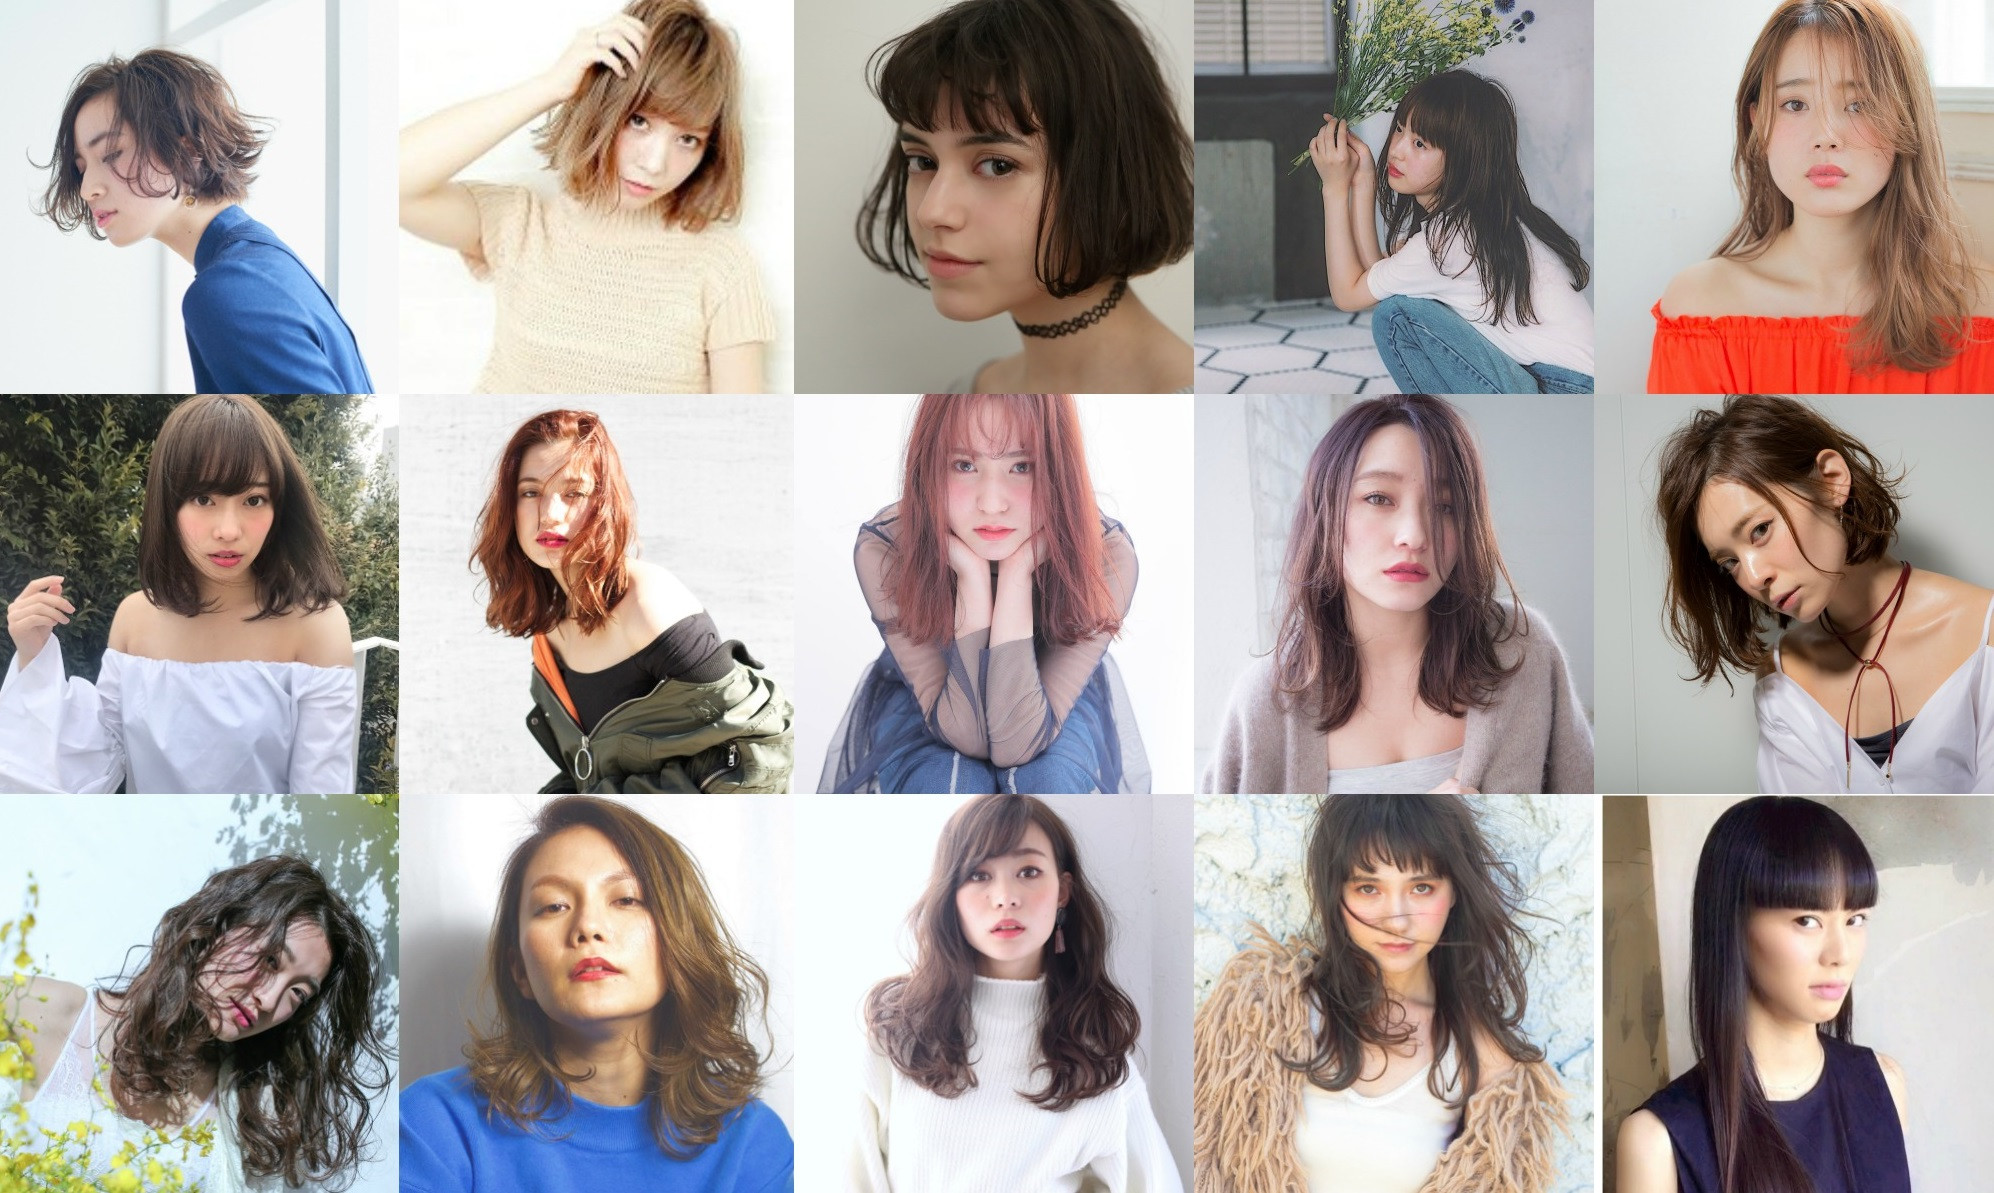 [※残り1日]HAIR×avex伊藤ゆみフォトコンテスト一般投票受付最終日!